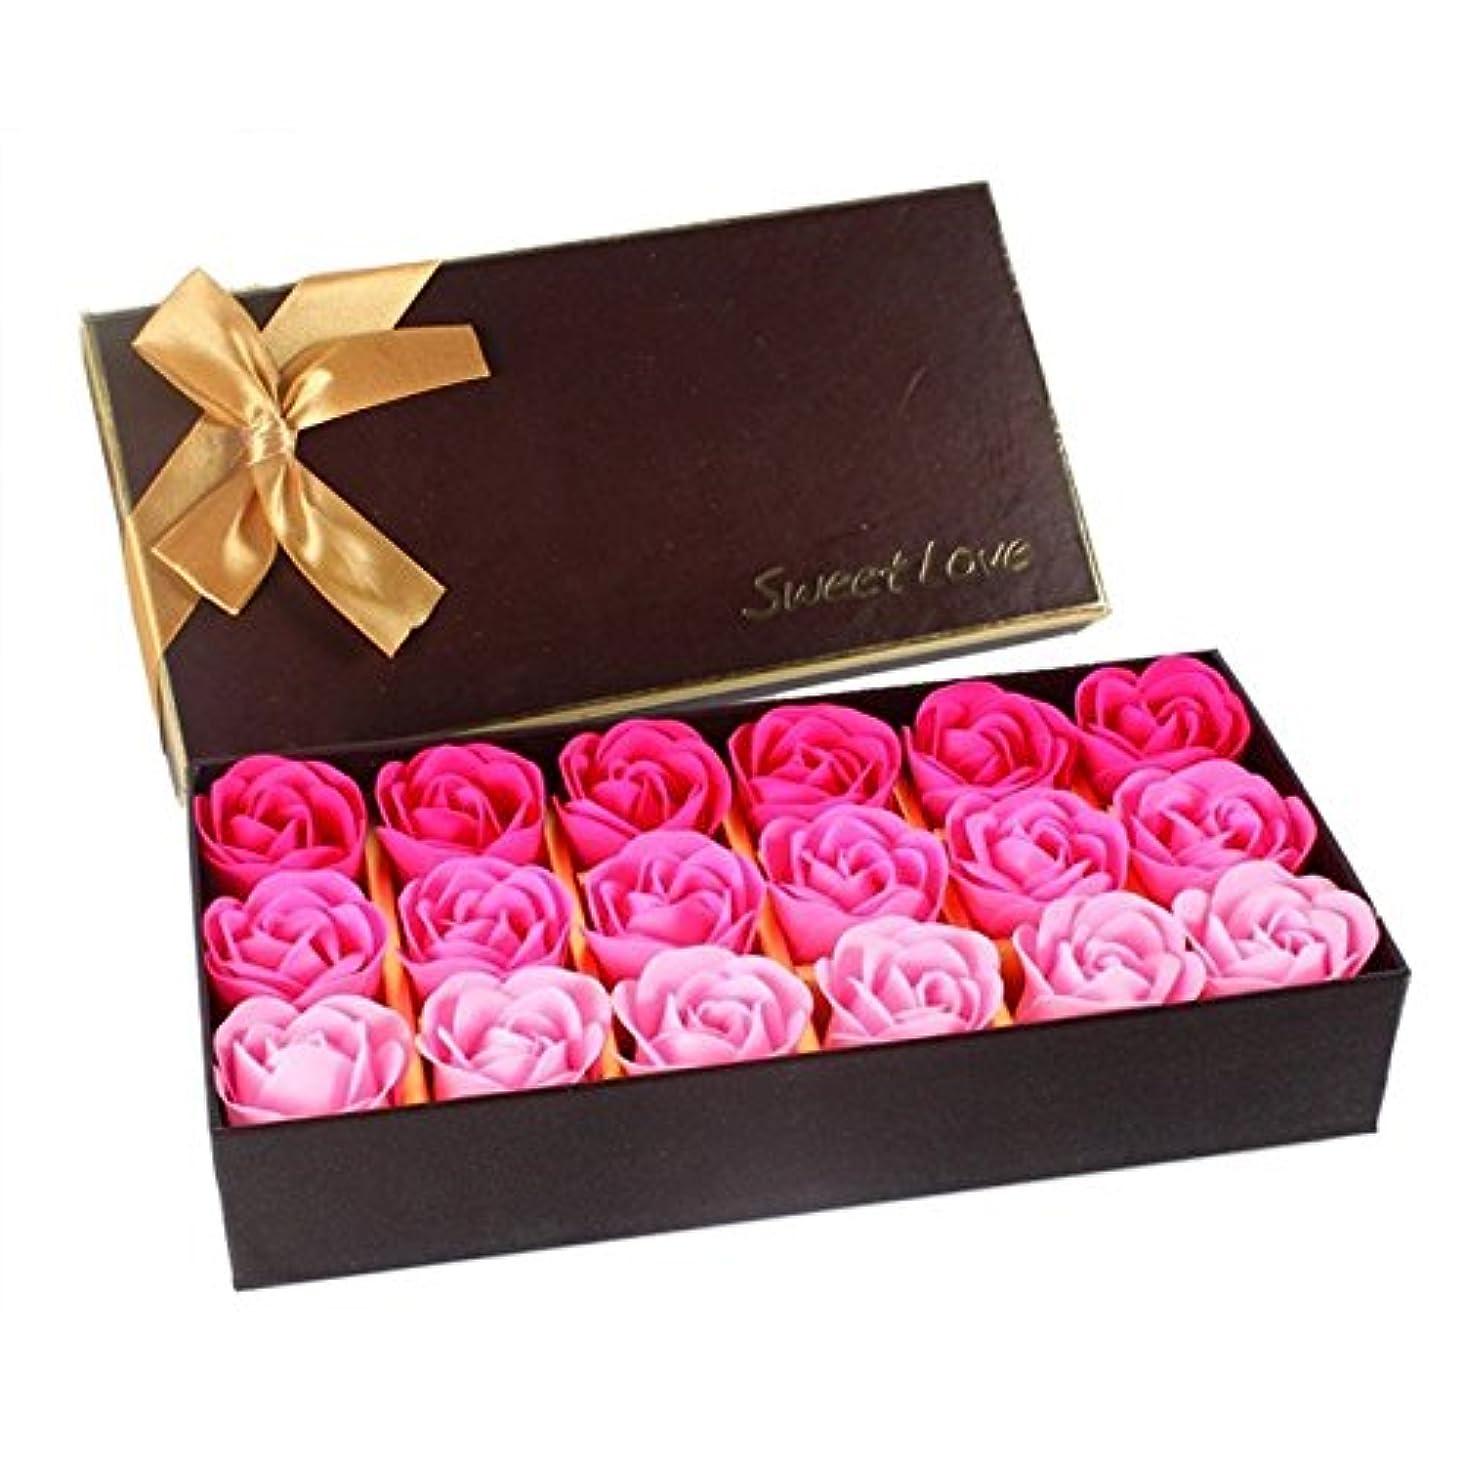 ゴージャスいろいろ排出ローズ フラワーソープ 石鹸 薔薇 プレゼント お祝い ① #333